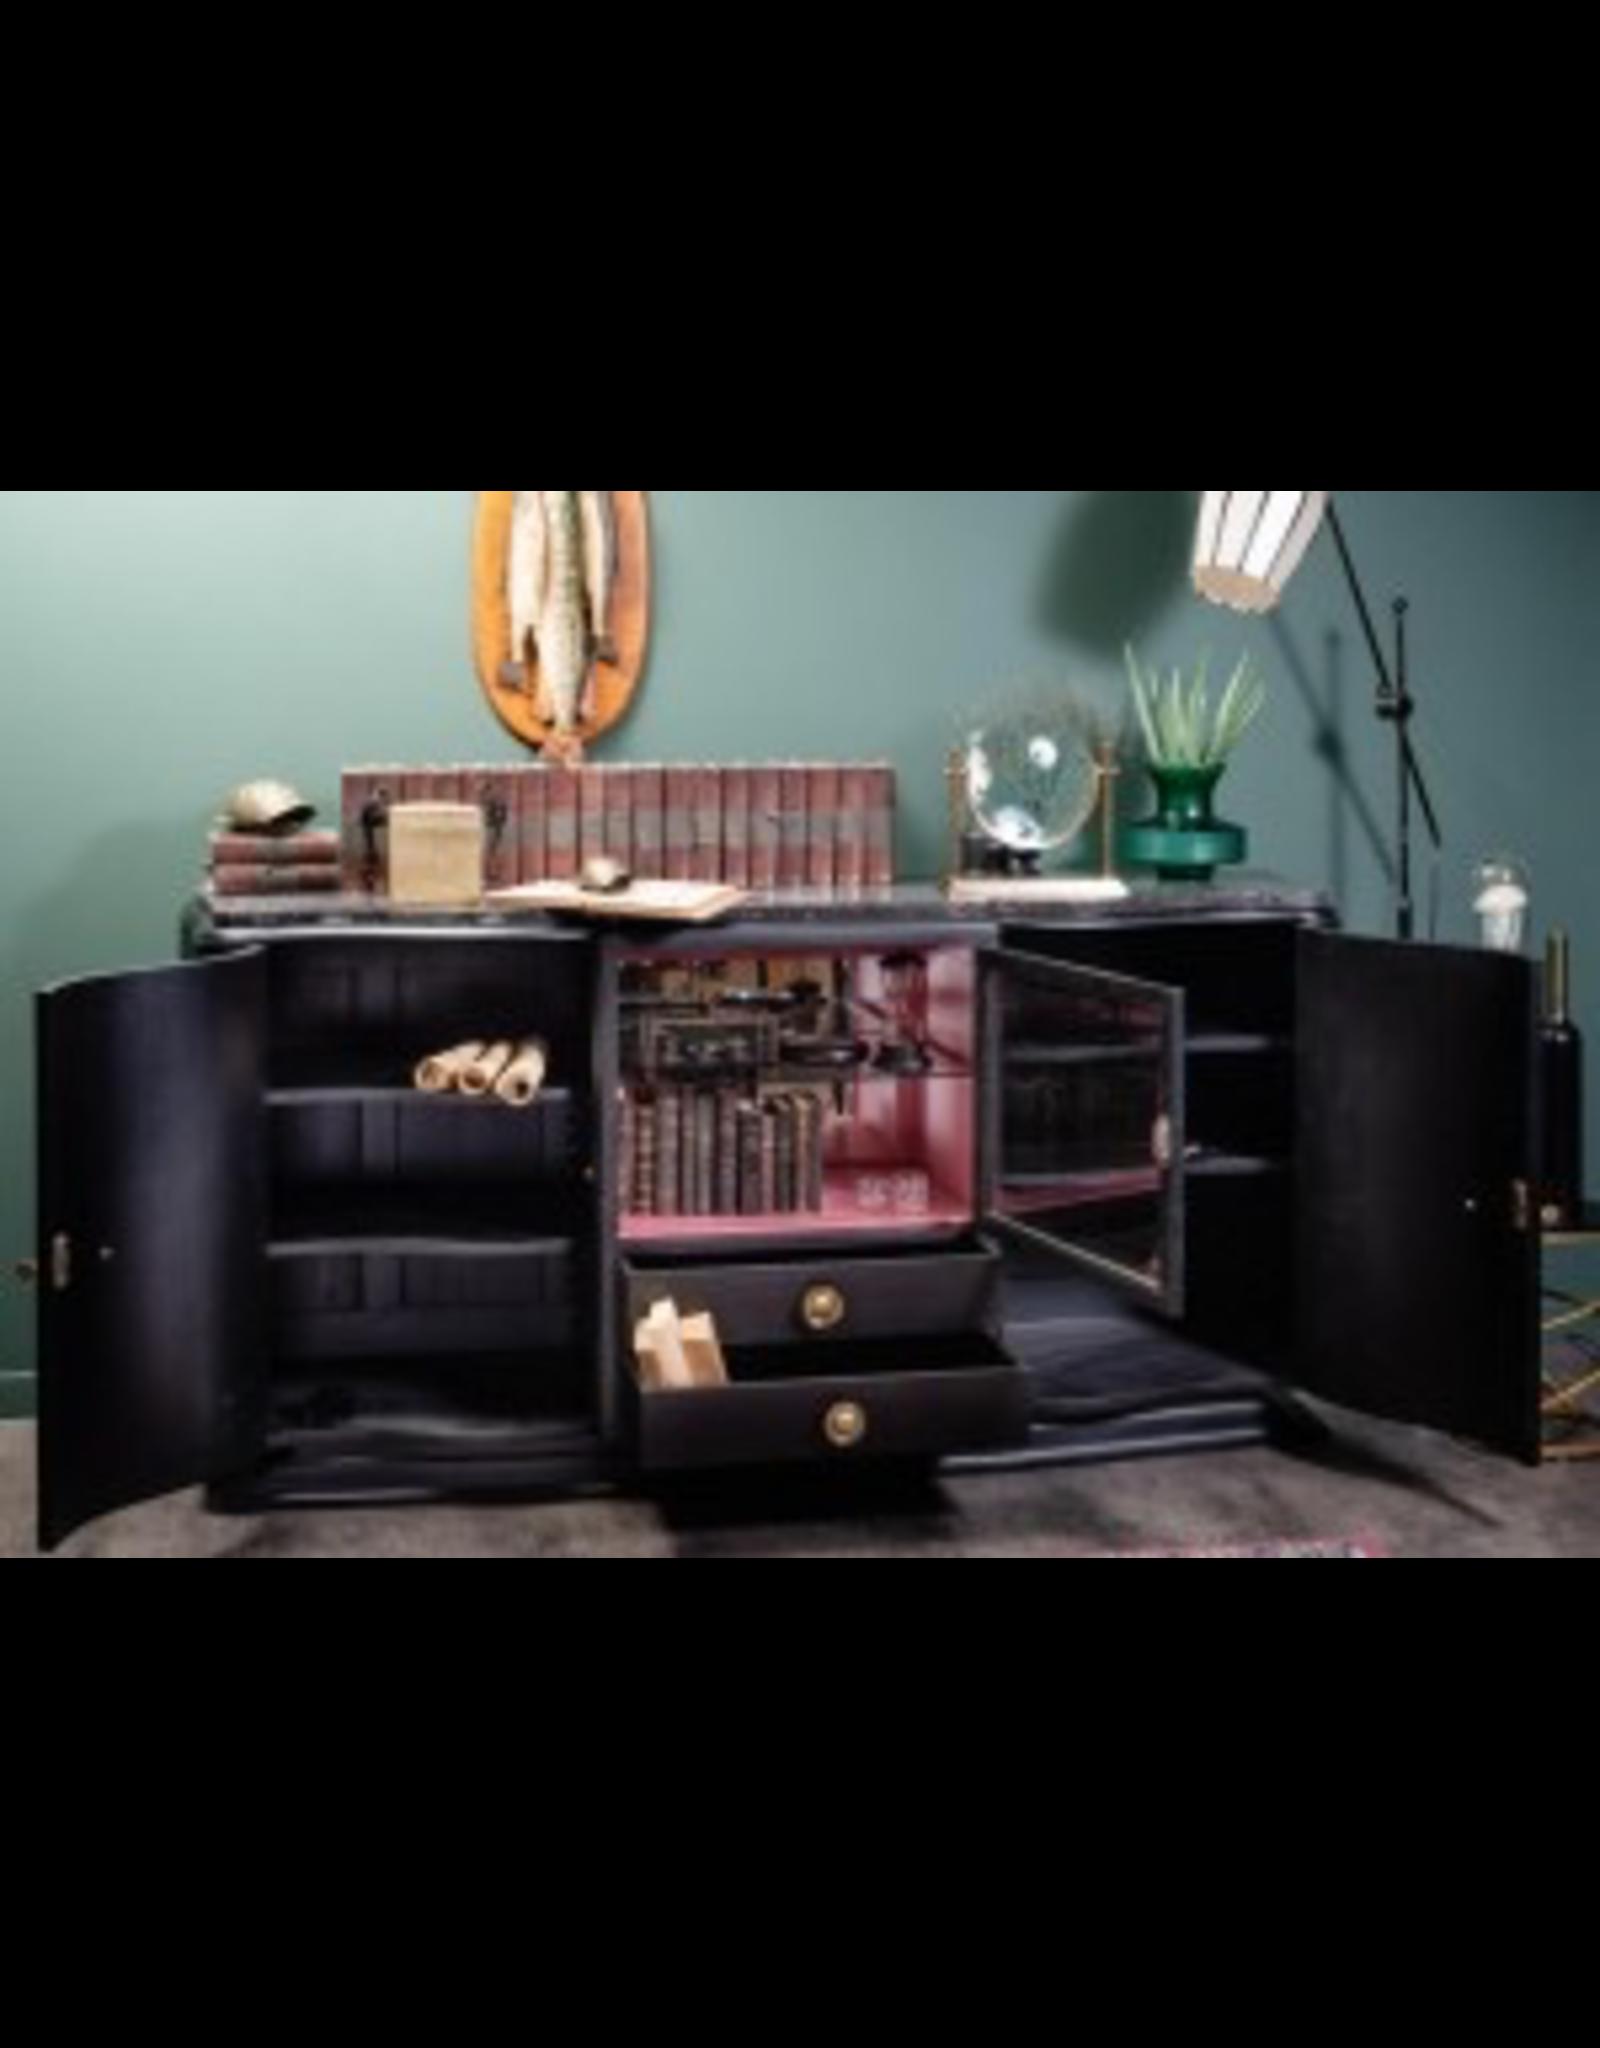 OBJET DE CURIOSITE REAL ANTIQUE SIDEBOARD 40'S -PINK AND MATTE BLACK FINISH